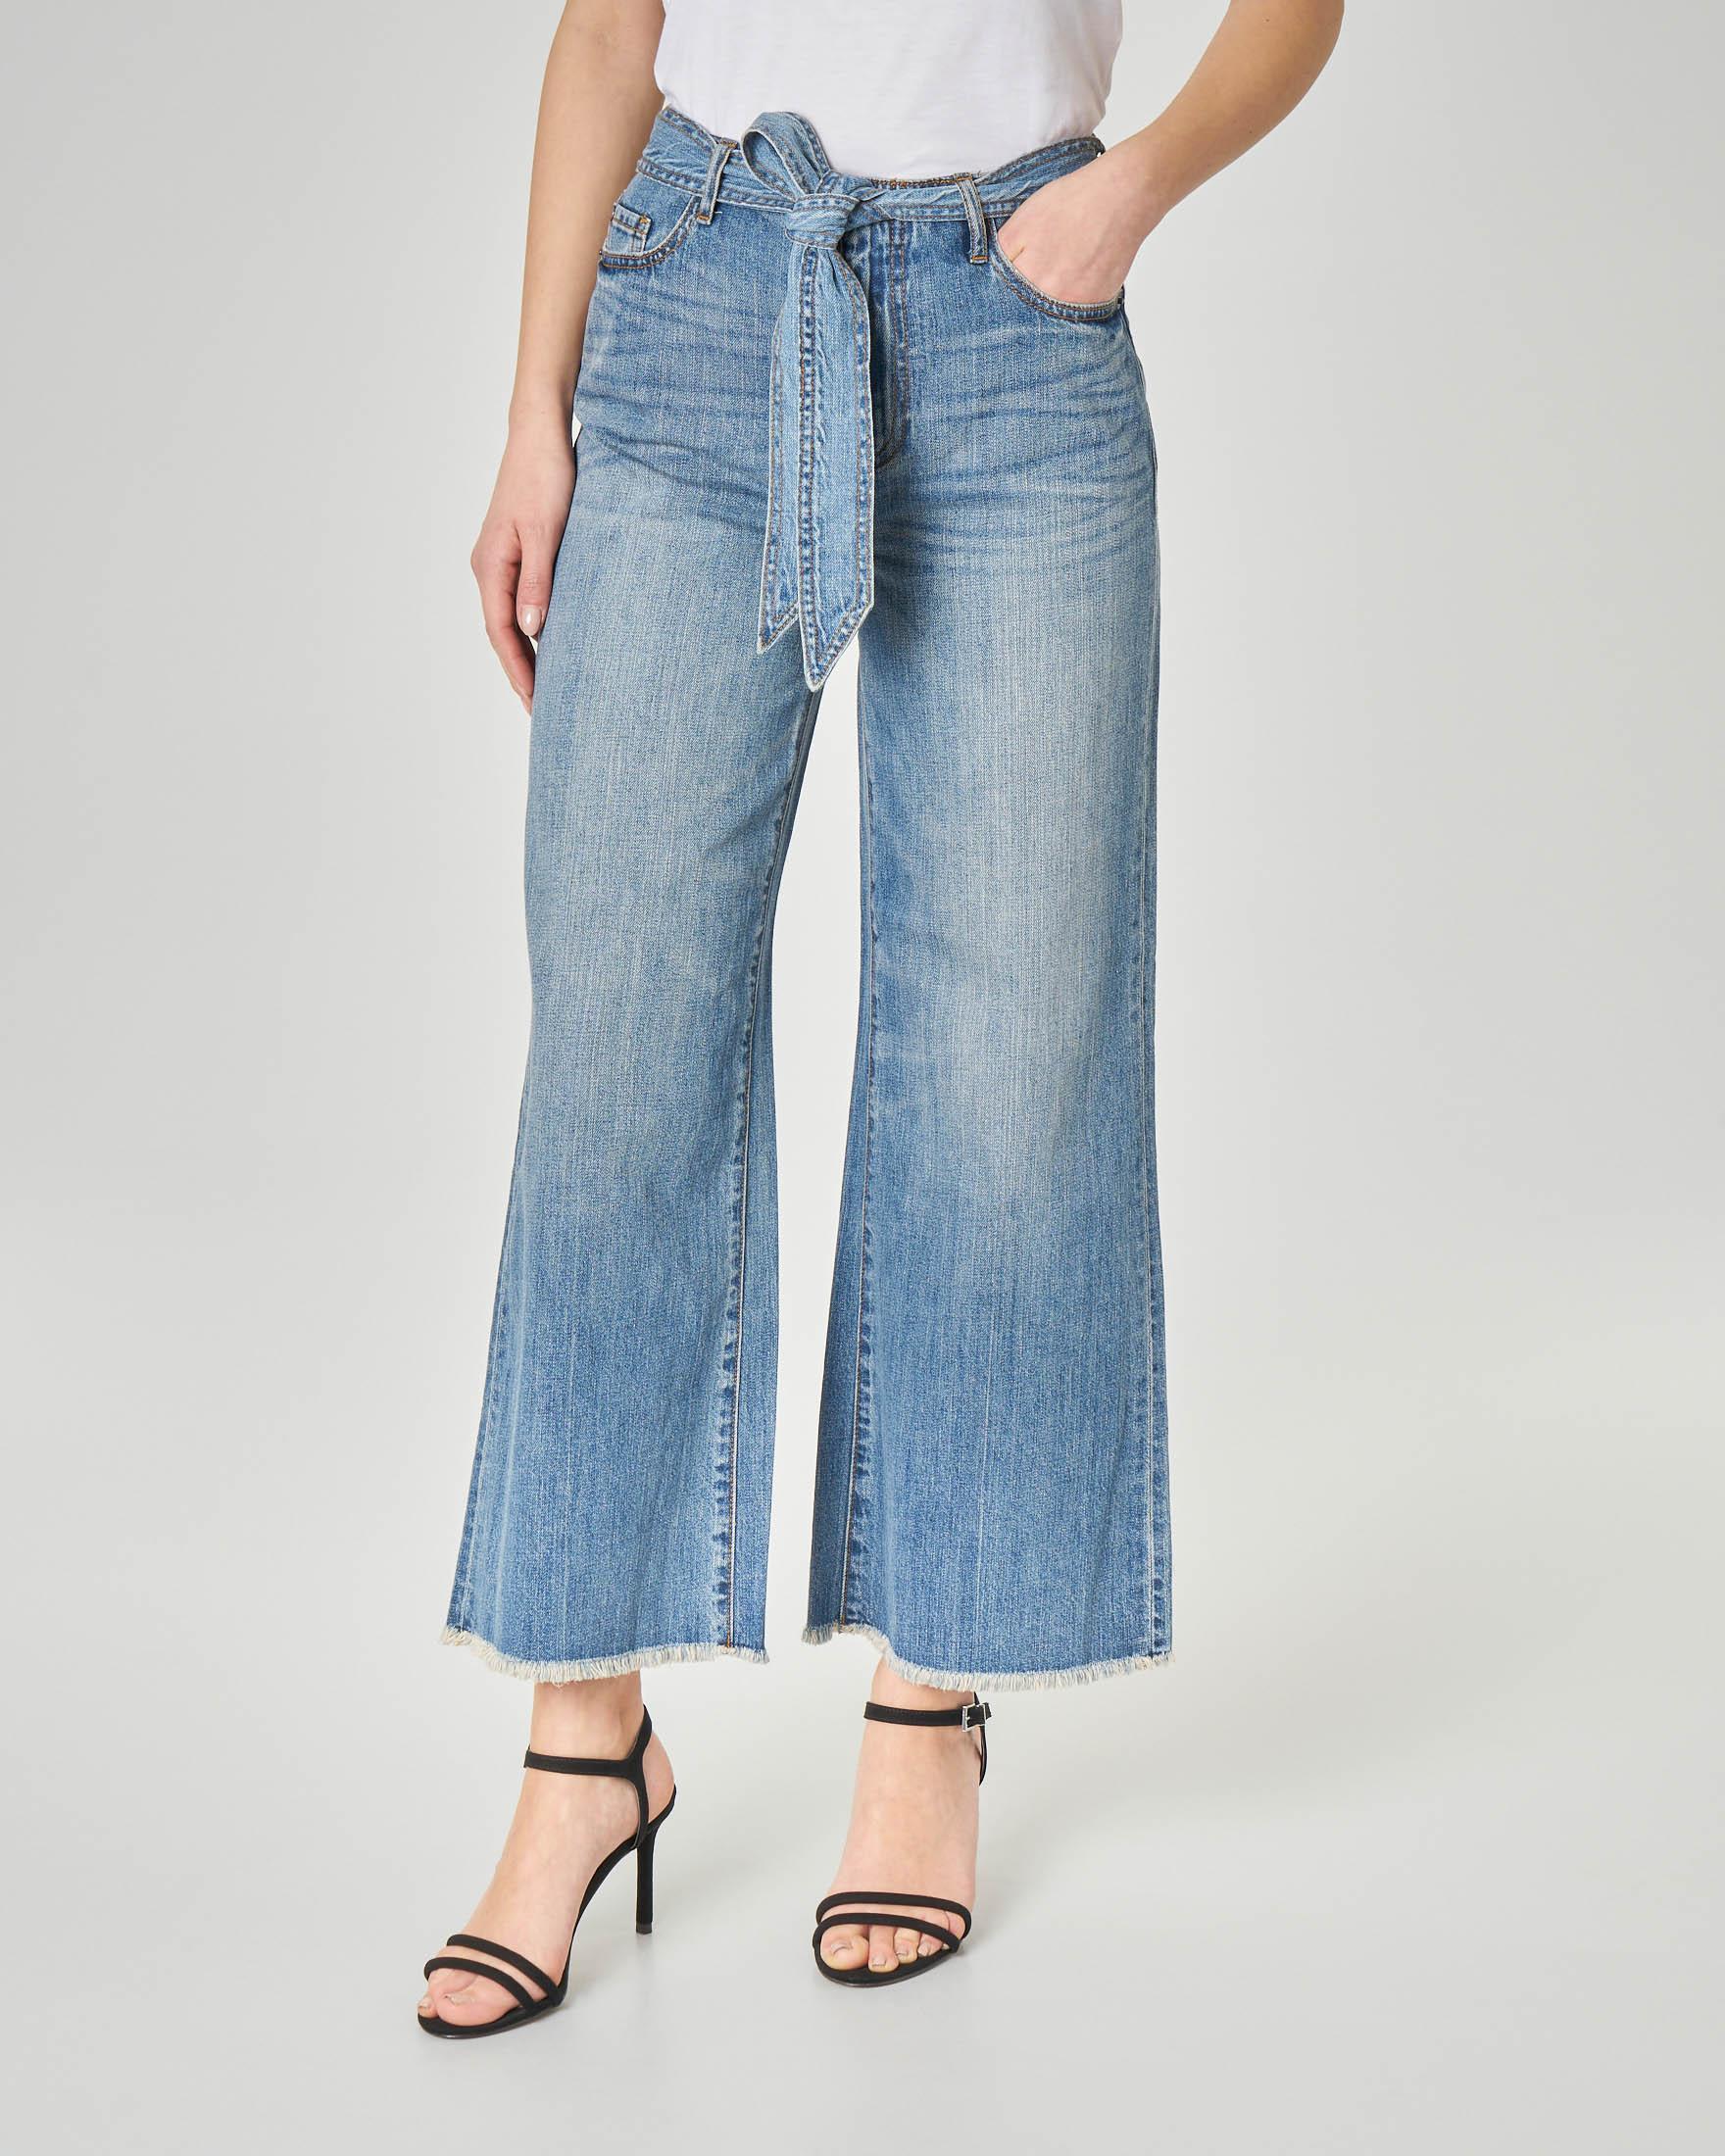 Jeans flare blu chiaro con orli sfrangiati e cintura in vita